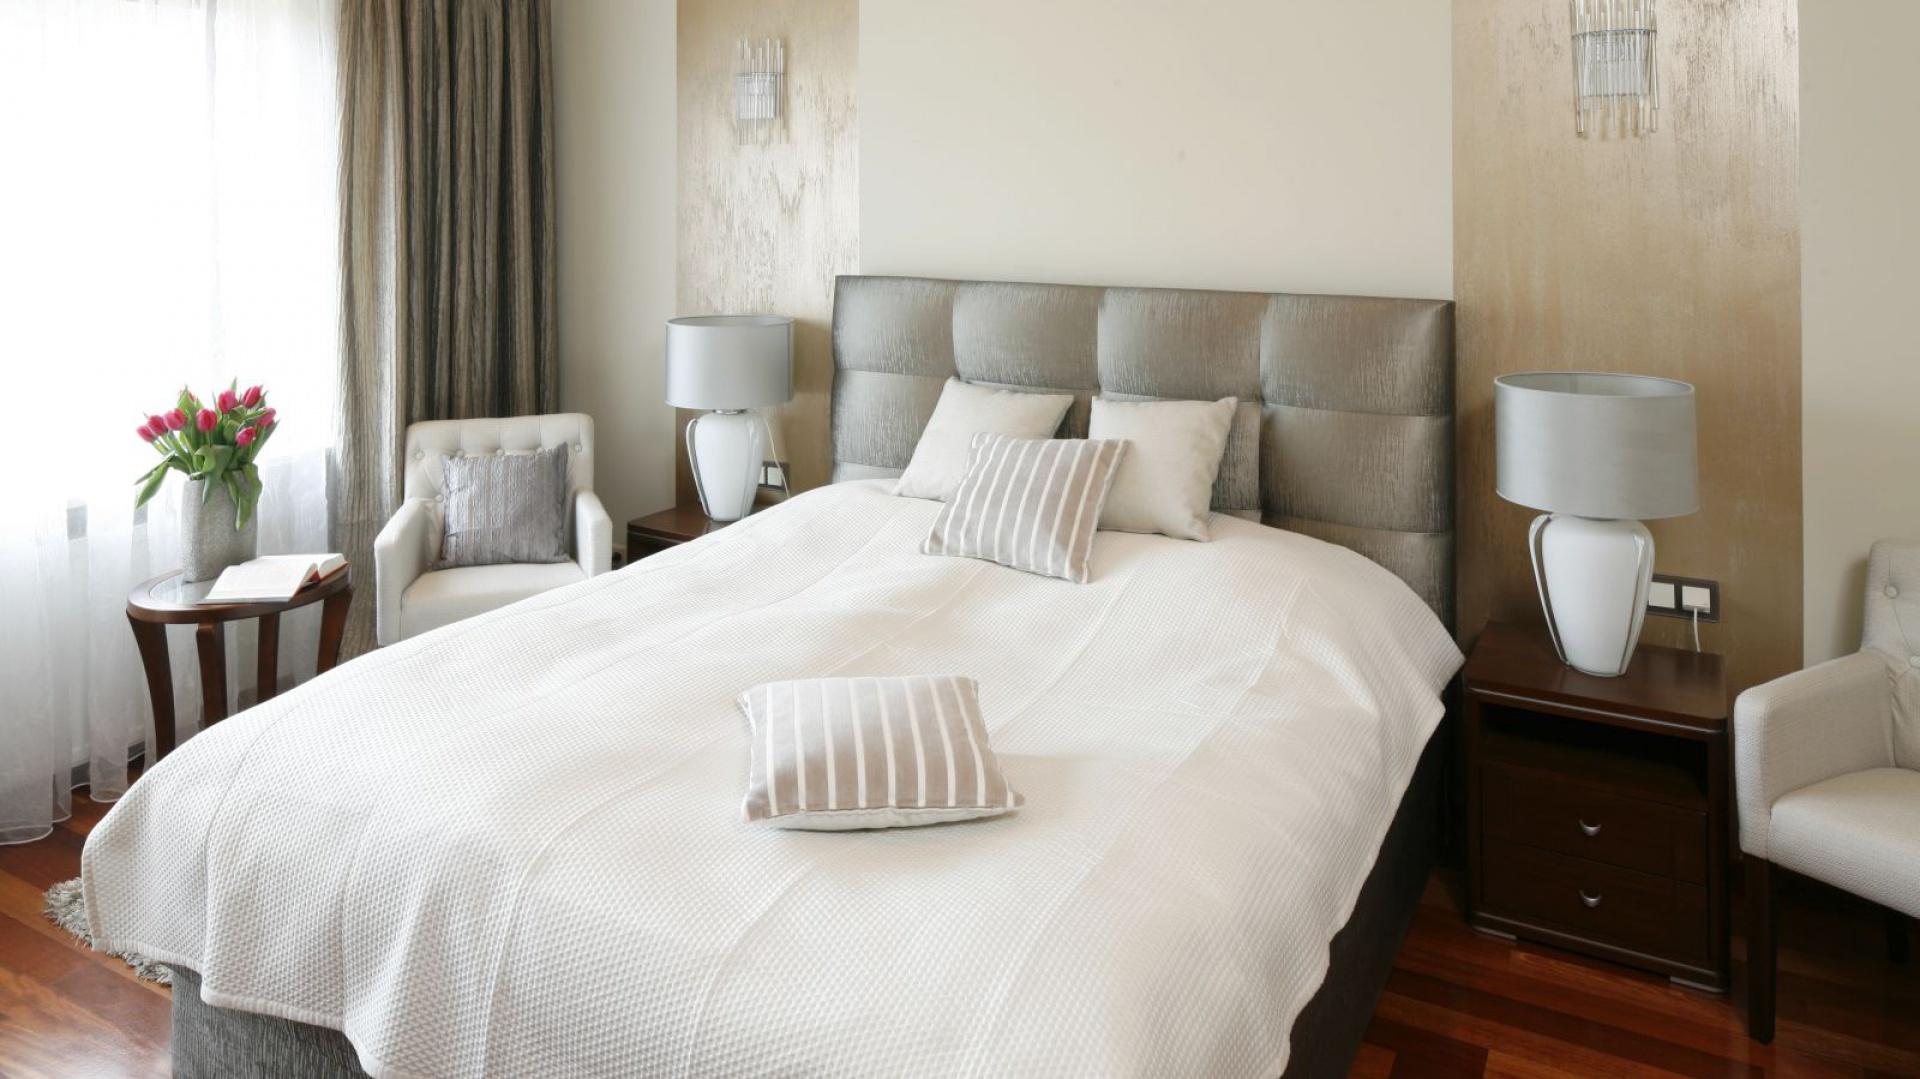 Elegancka sypialnia dla dwóch osób. Duże, wygodne łóżko zapewnia pełen komfort wypoczynku. Projekt: Kinga Śliwa. Fot. Bartosz Jarosz.